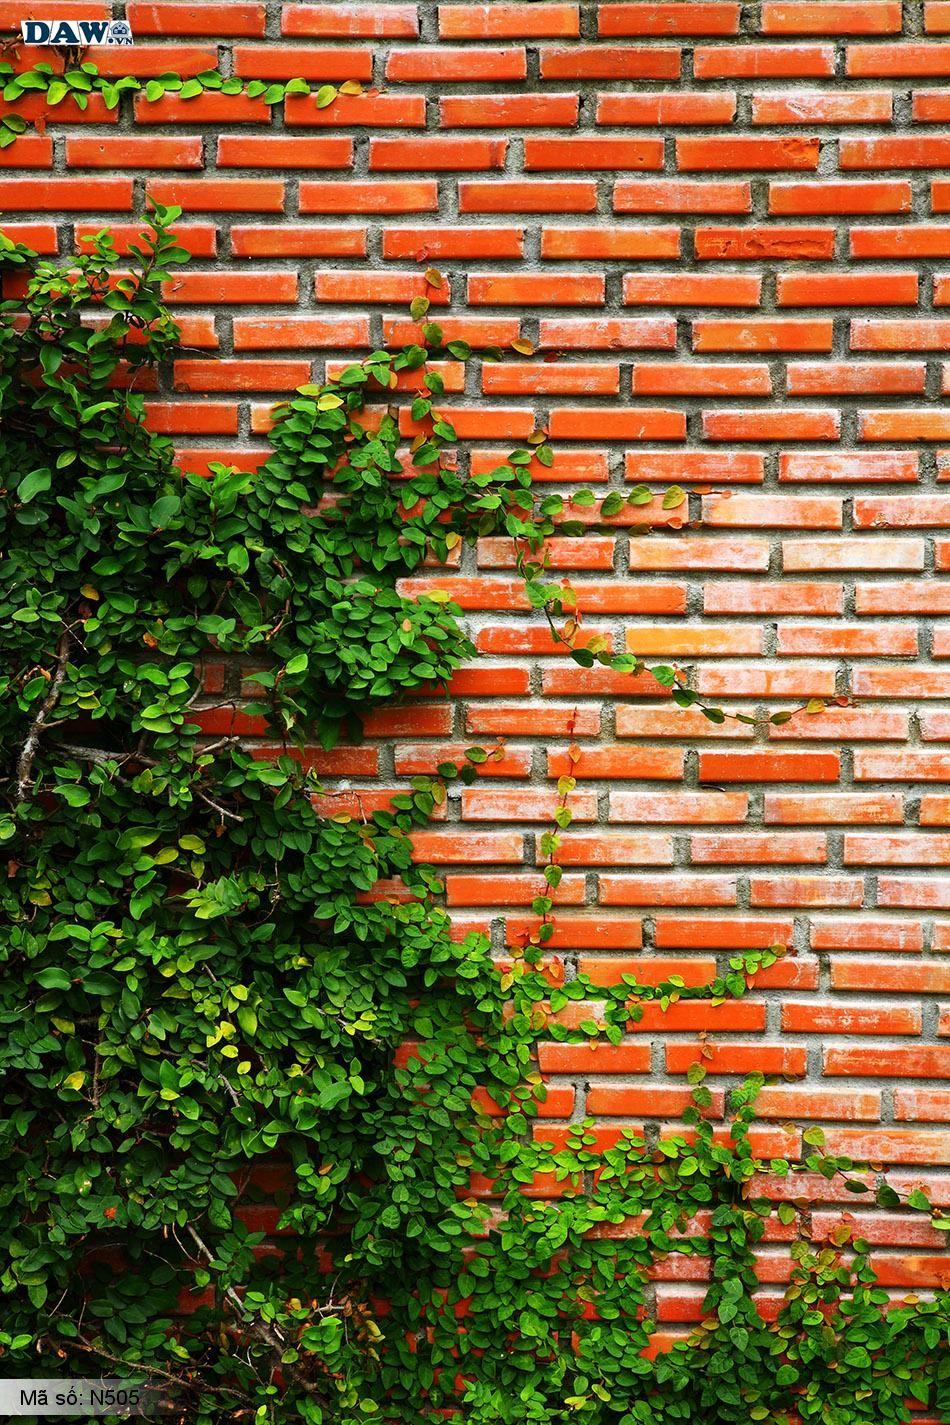 N505 Tranh dán tường Hàn Quốc | Tranh dán tường Dây leo tường N505